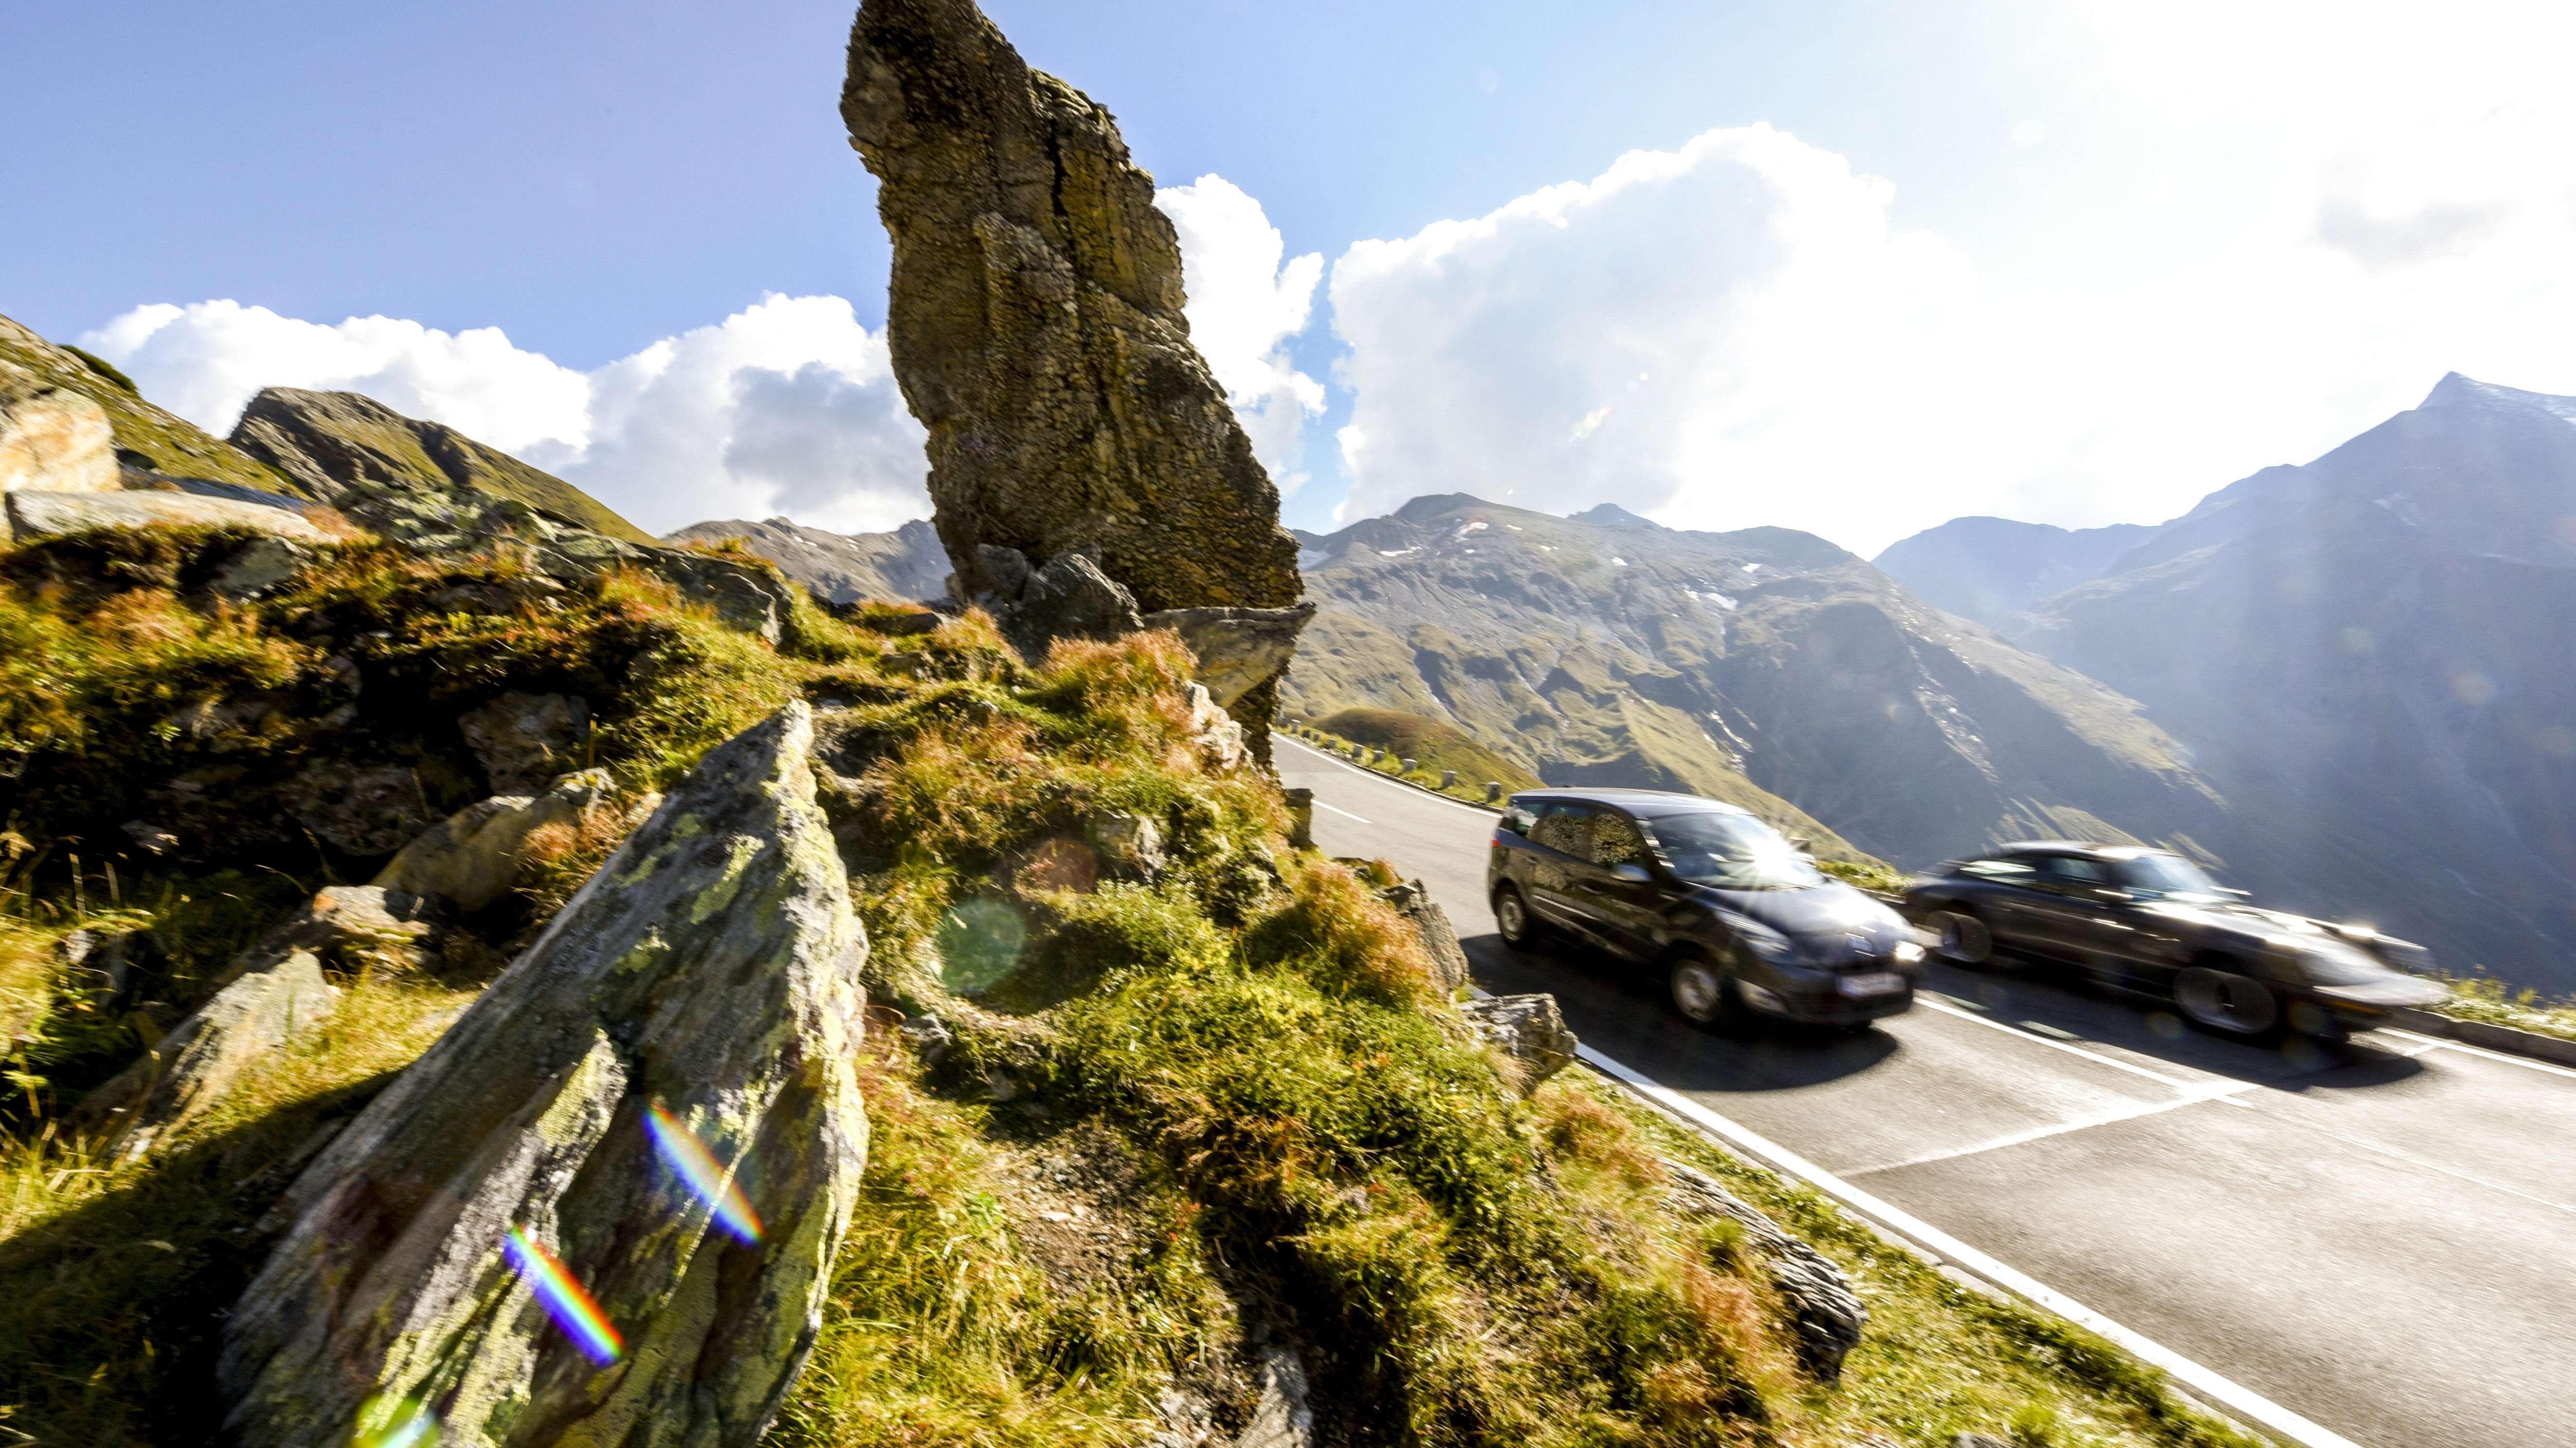 Autos in den Alpen: zwei schnelle Fahrzeuge beim Großglockner in Österreich. Straßenverkehr macht einen der größten Anteile beim CO2-Ausstoß aus.